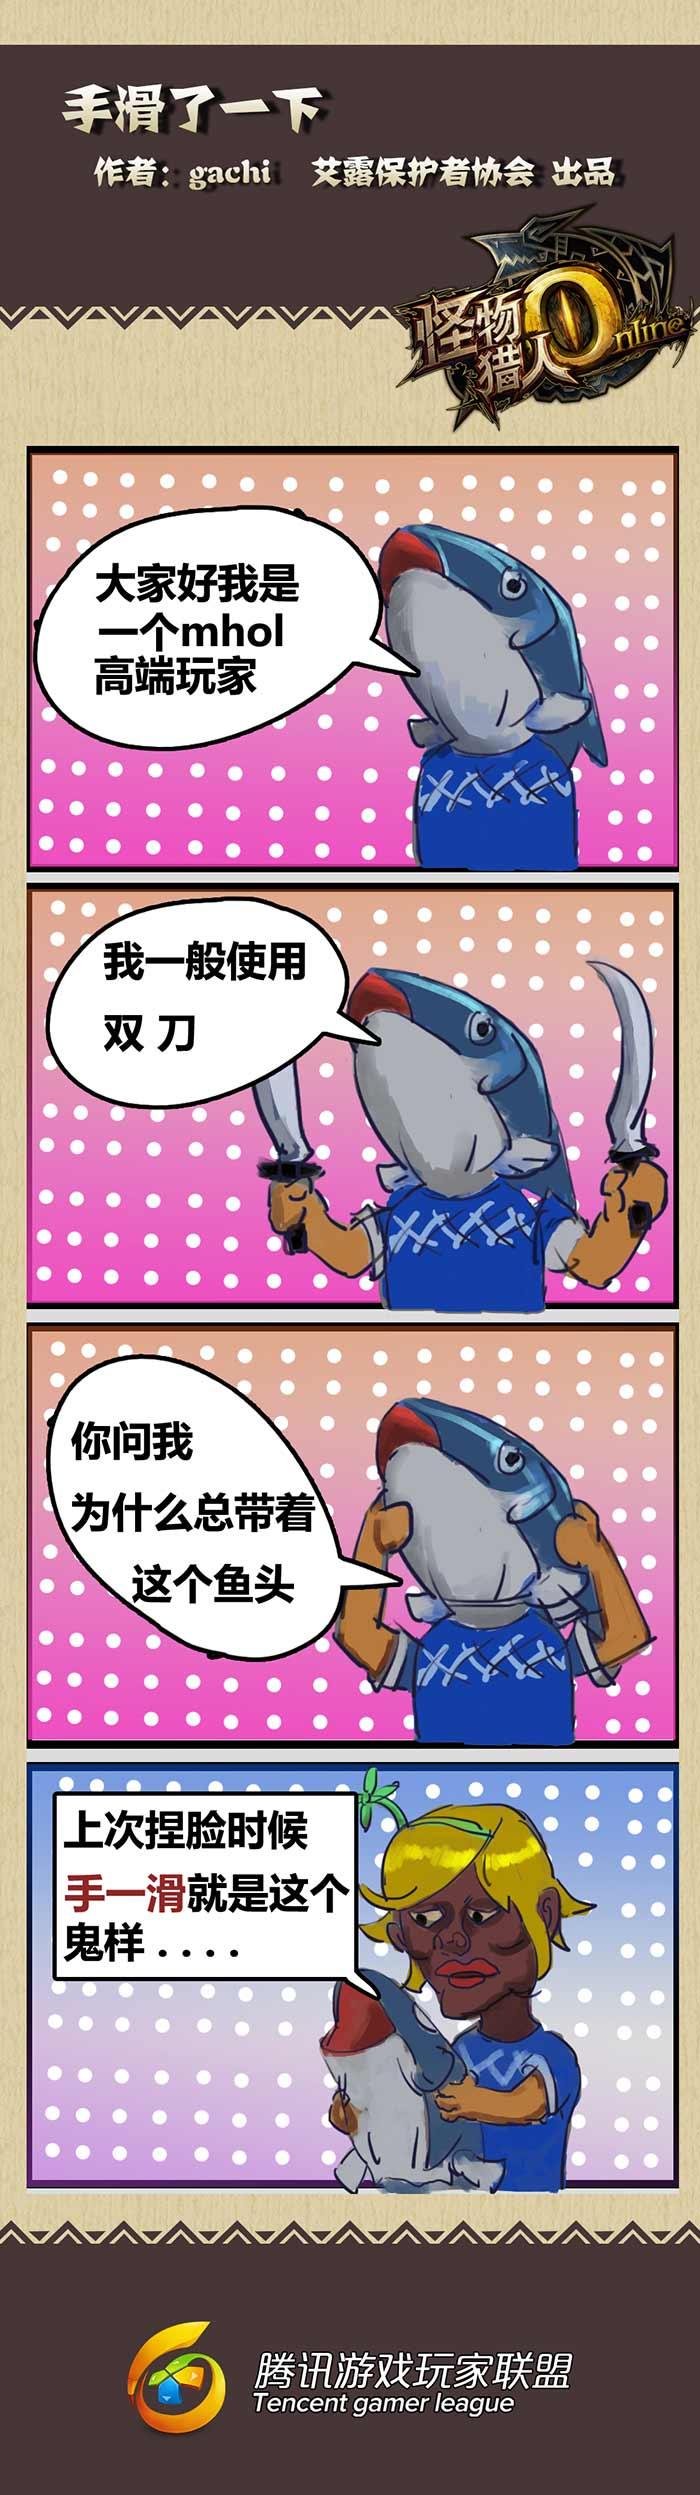 手滑了一下 怪物猎人OL玩家原创四格漫画